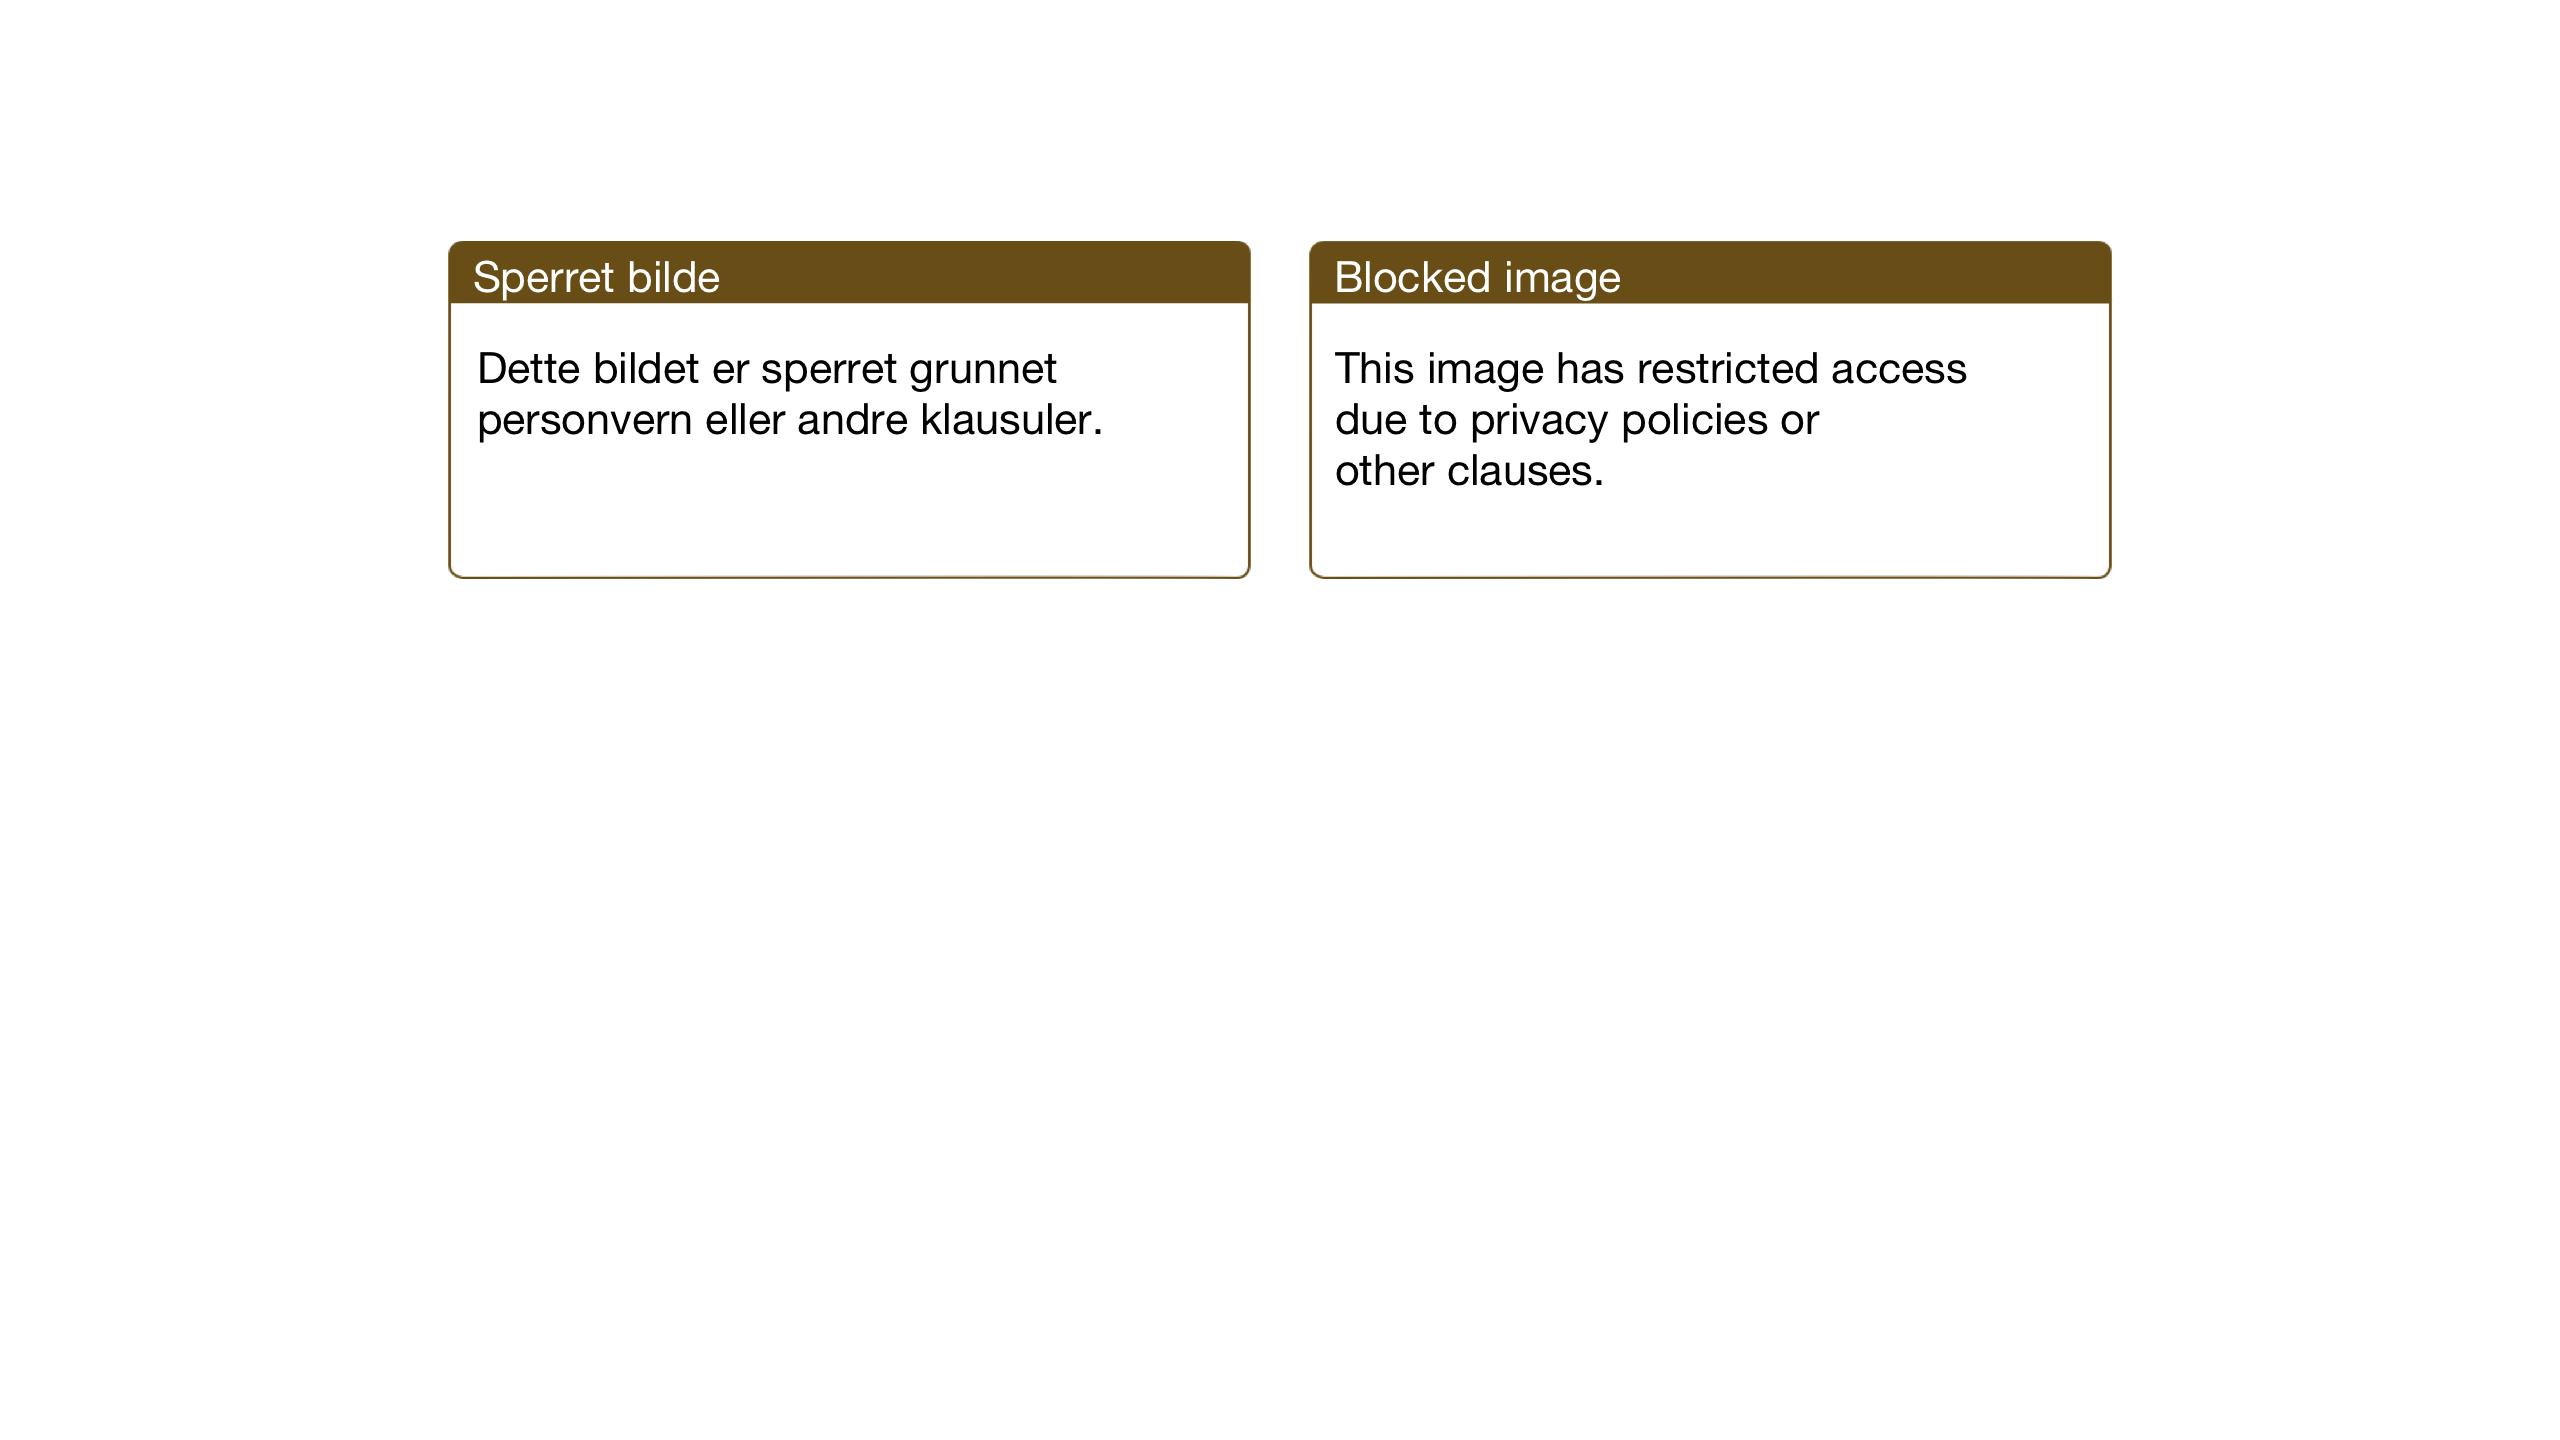 SAT, Ministerialprotokoller, klokkerbøker og fødselsregistre - Nord-Trøndelag, 709/L0089: Klokkerbok nr. 709C03, 1935-1948, s. 56